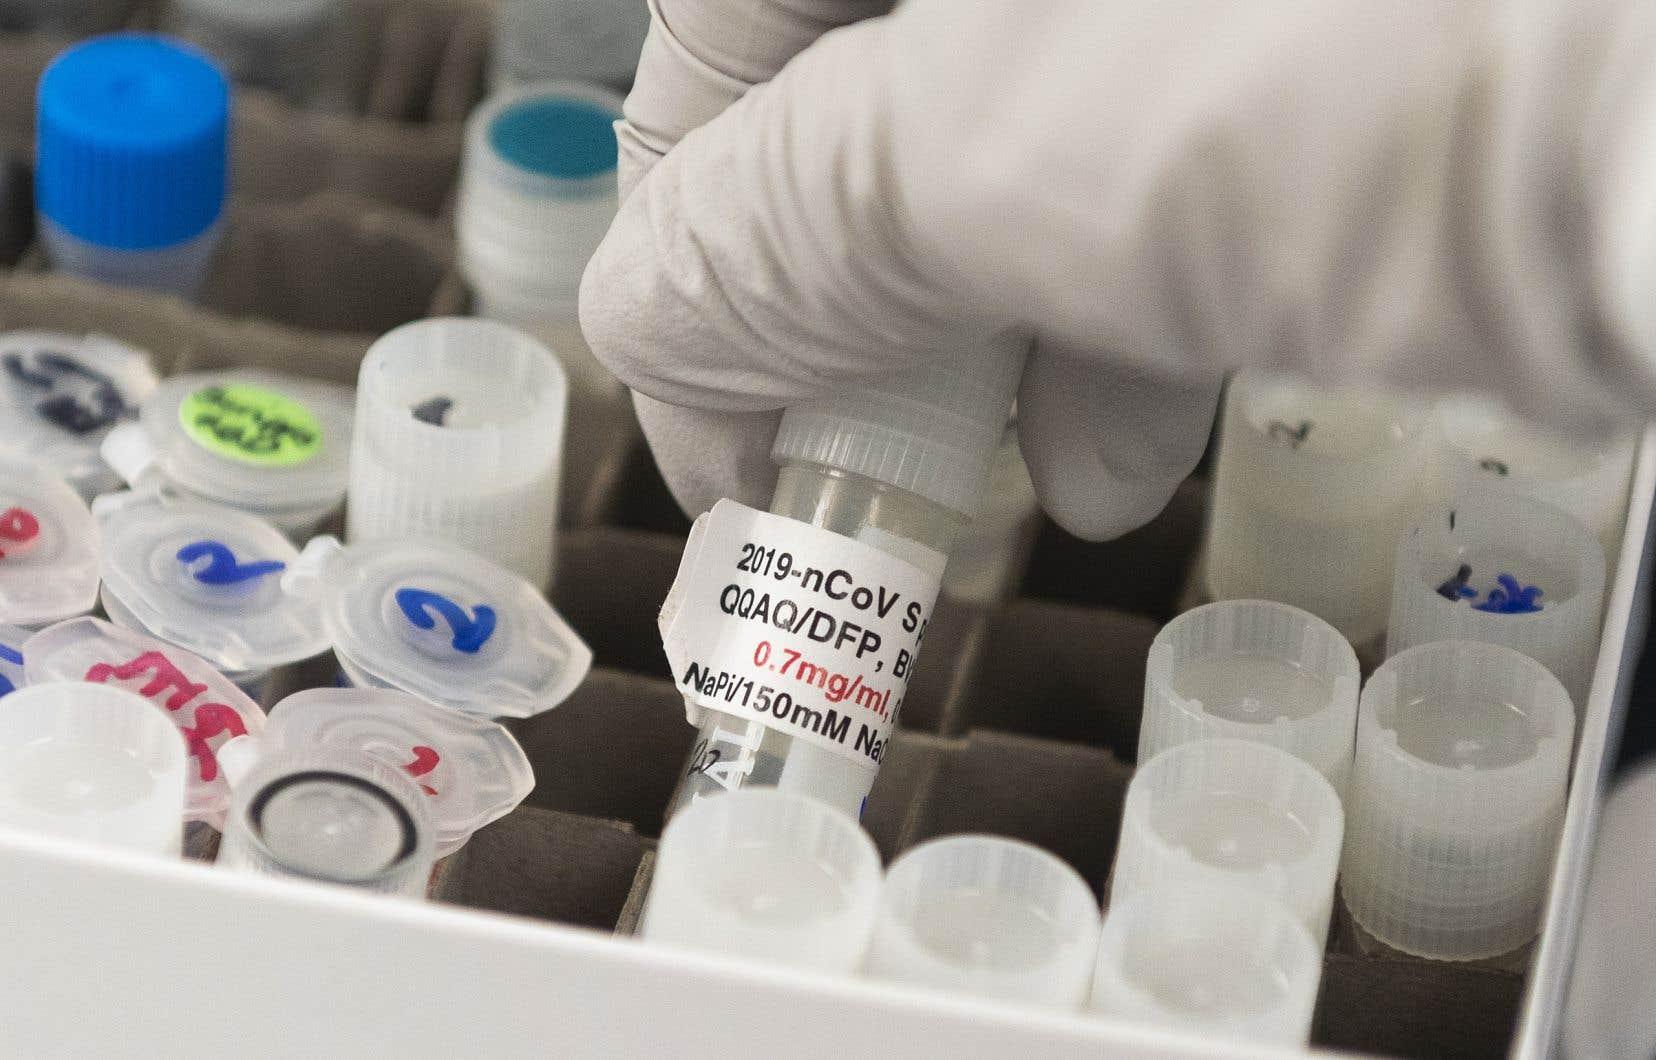 Santé Canada dispose de son propre système d'examen de l'innocuité, de l'efficacité et de la qualité des vaccins qui lui seront soumis, et s'assurera que les bénéfices que procure un vaccin l'emportent sur les risques qu'il comporte.